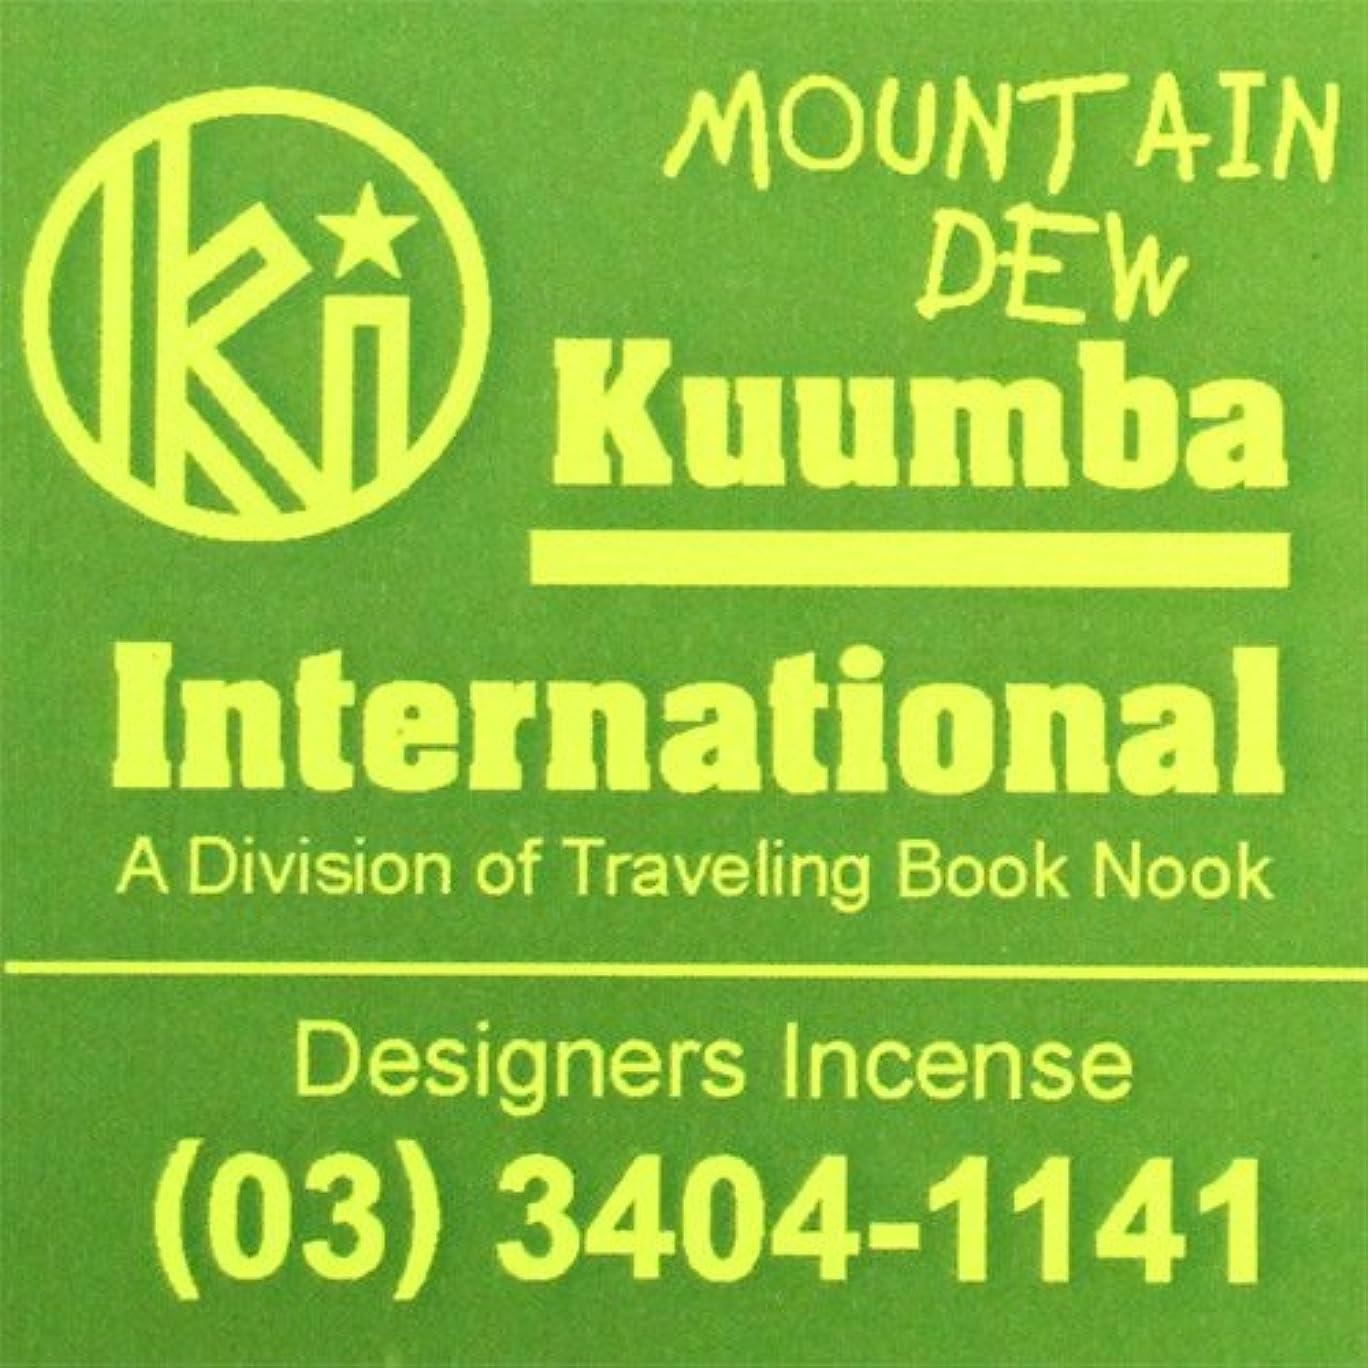 許さない家庭教師警官KUUMBA / クンバ『incense』(MOUNTAIN DEW) (Regular size)